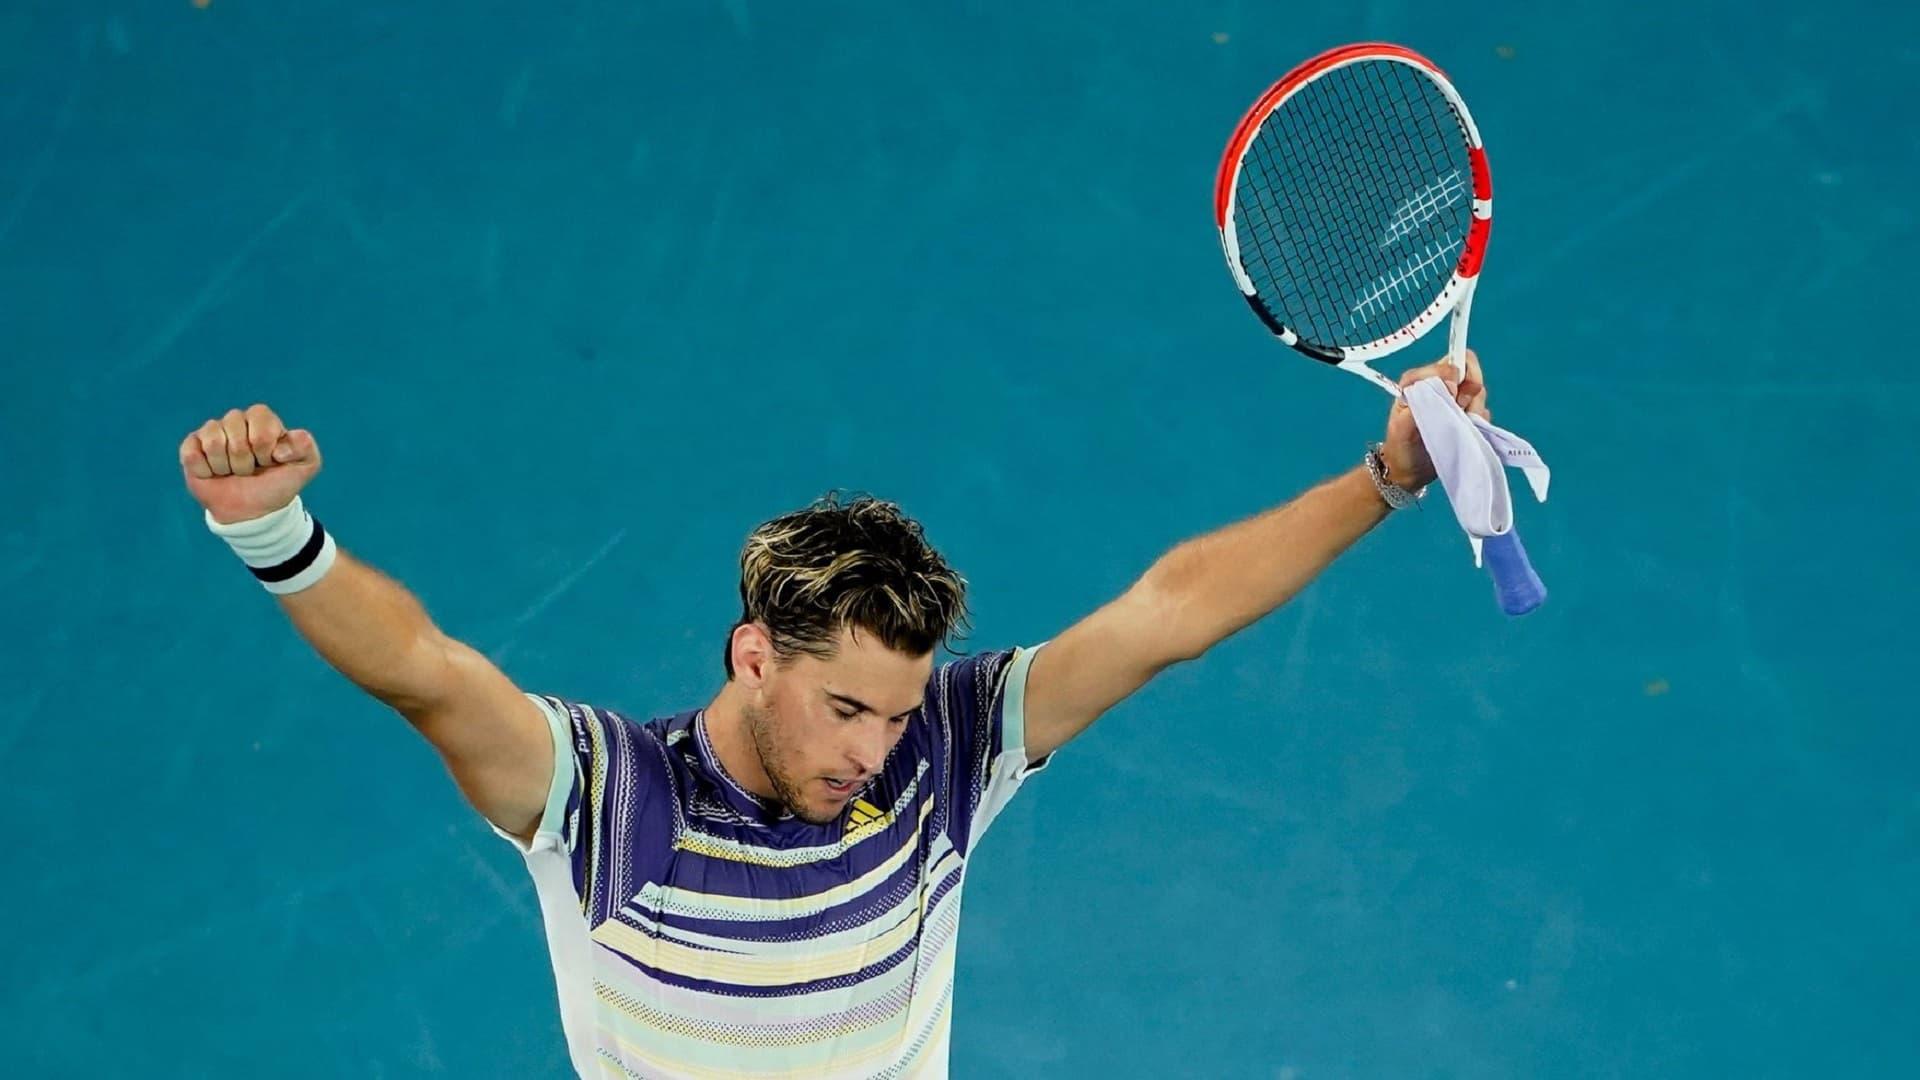 Estos son los próximos torneos de tenis para ver en ESPN por Star Plus